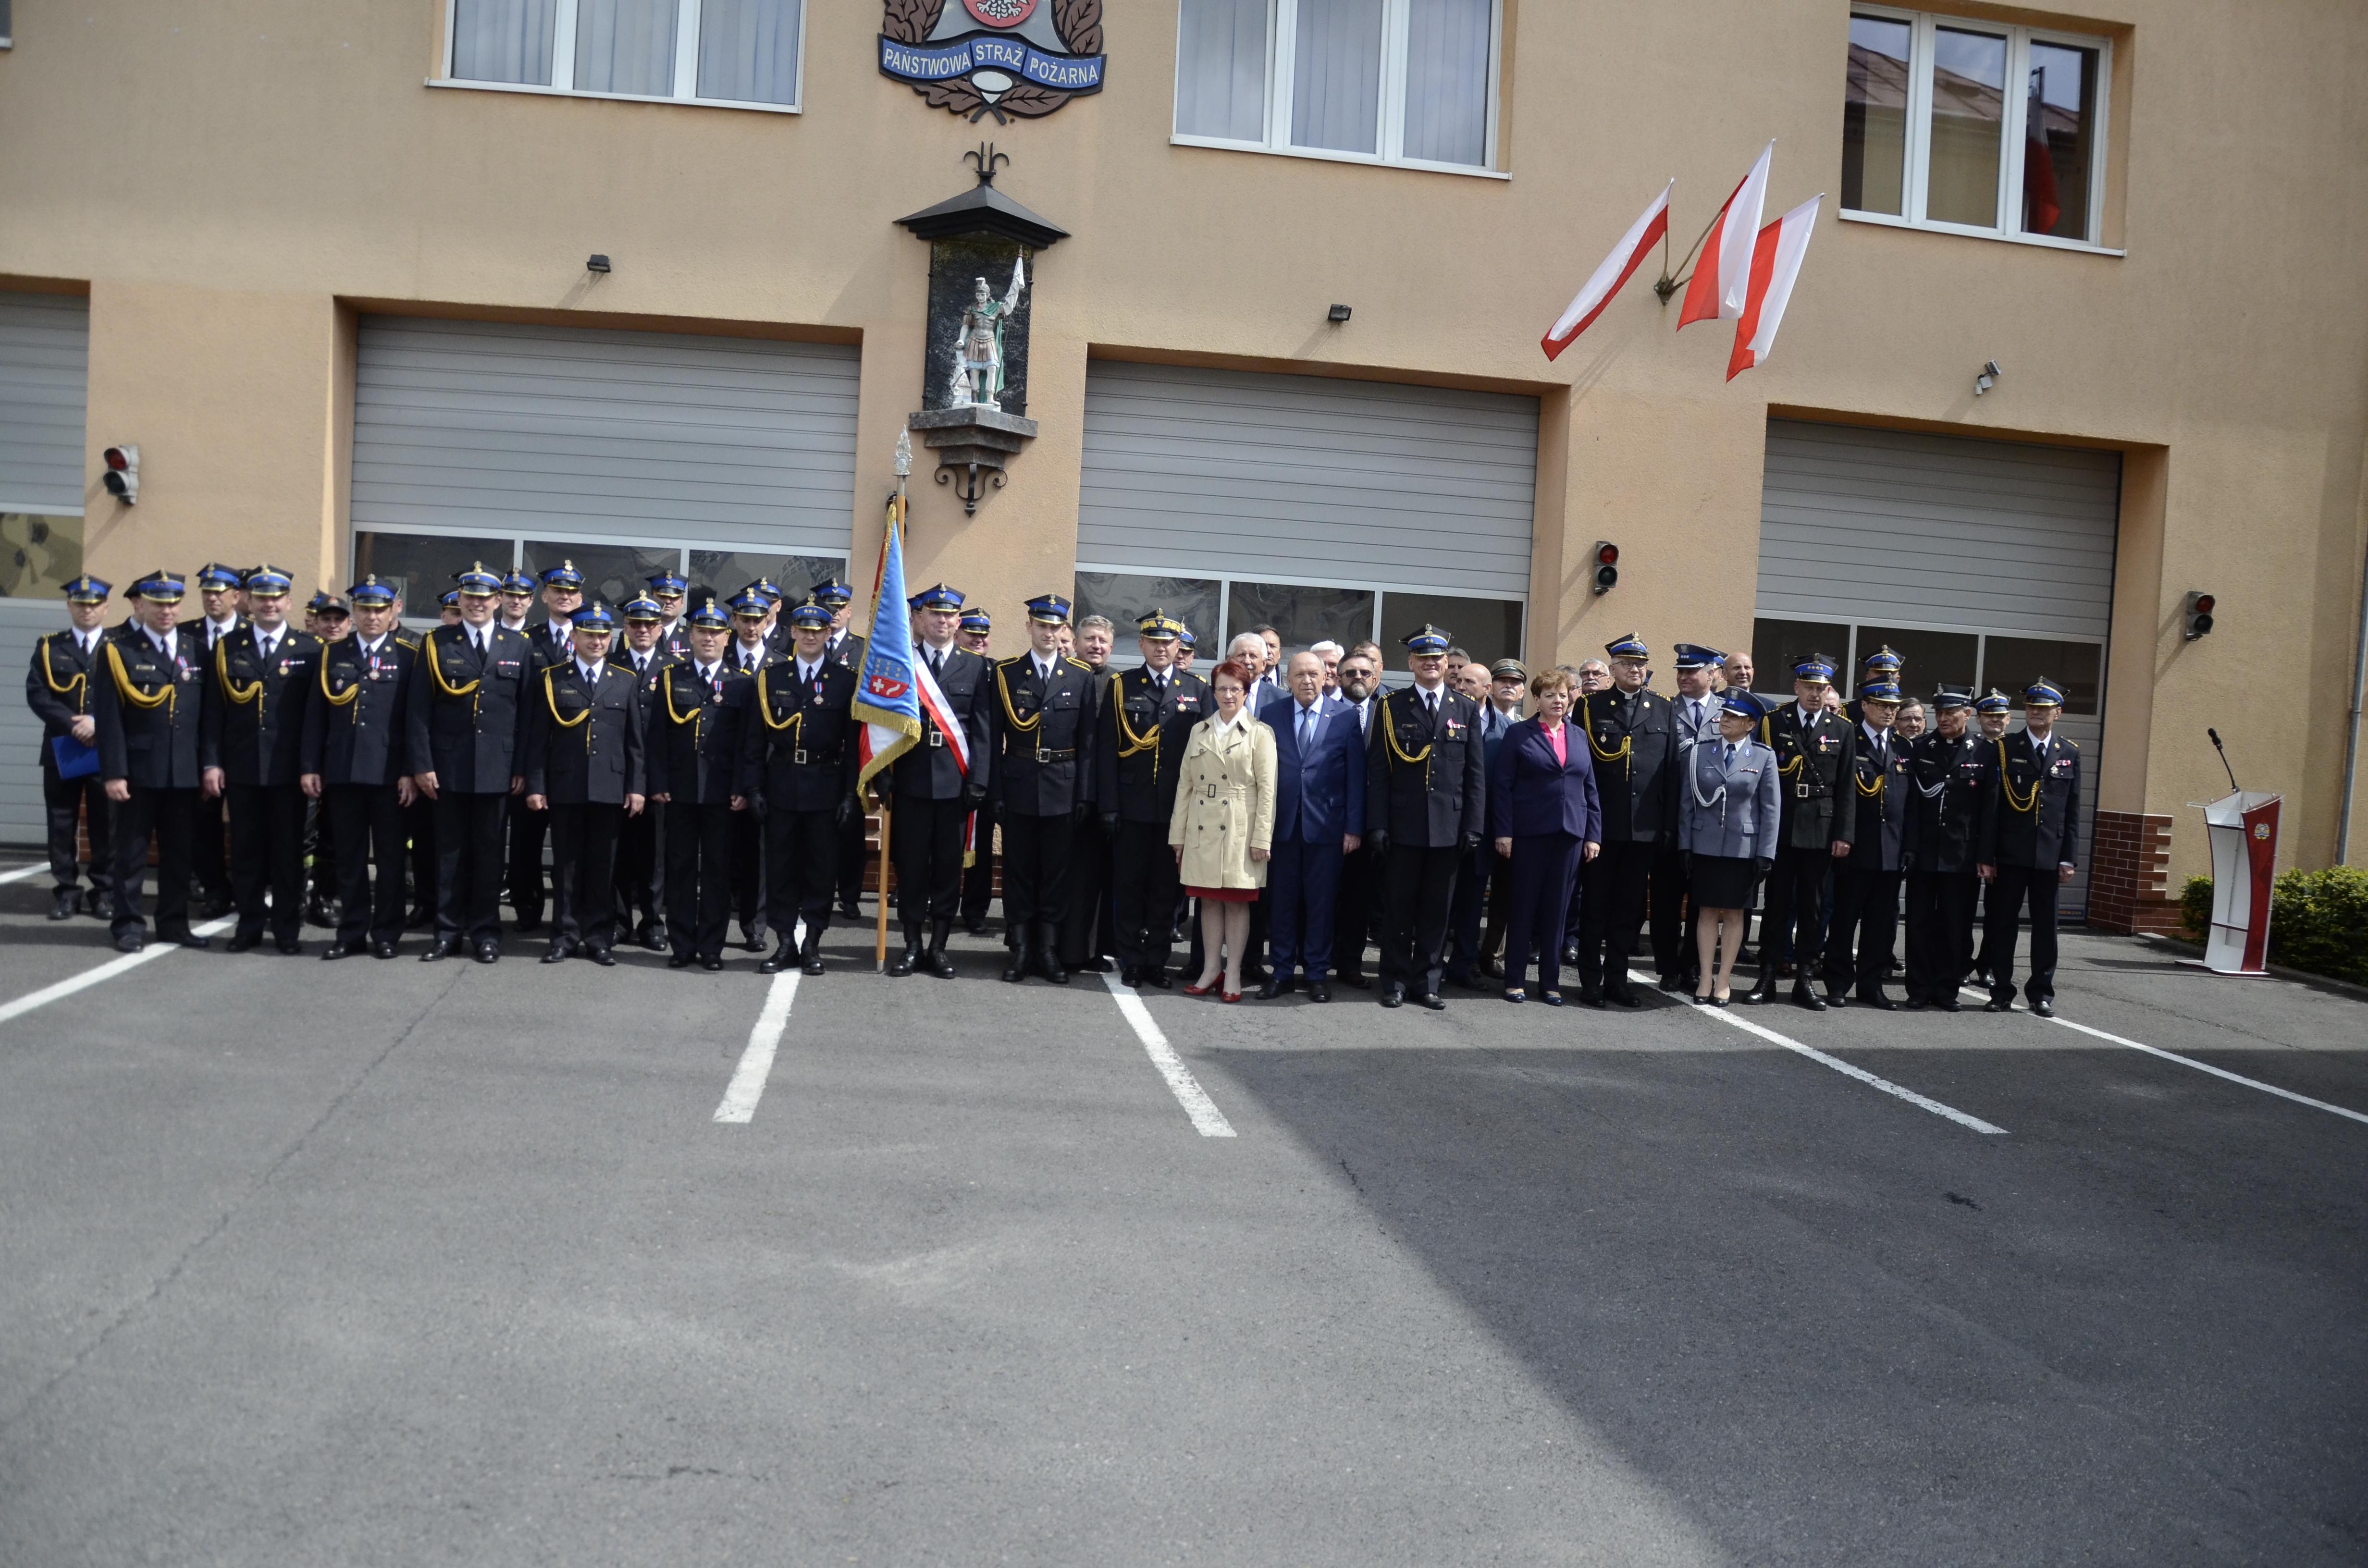 W piątek, 10 maja, odbył się Powiatowy Dzień Strażaka w Kolbuszowej [ZDJĘCIA] - Zdjęcie główne